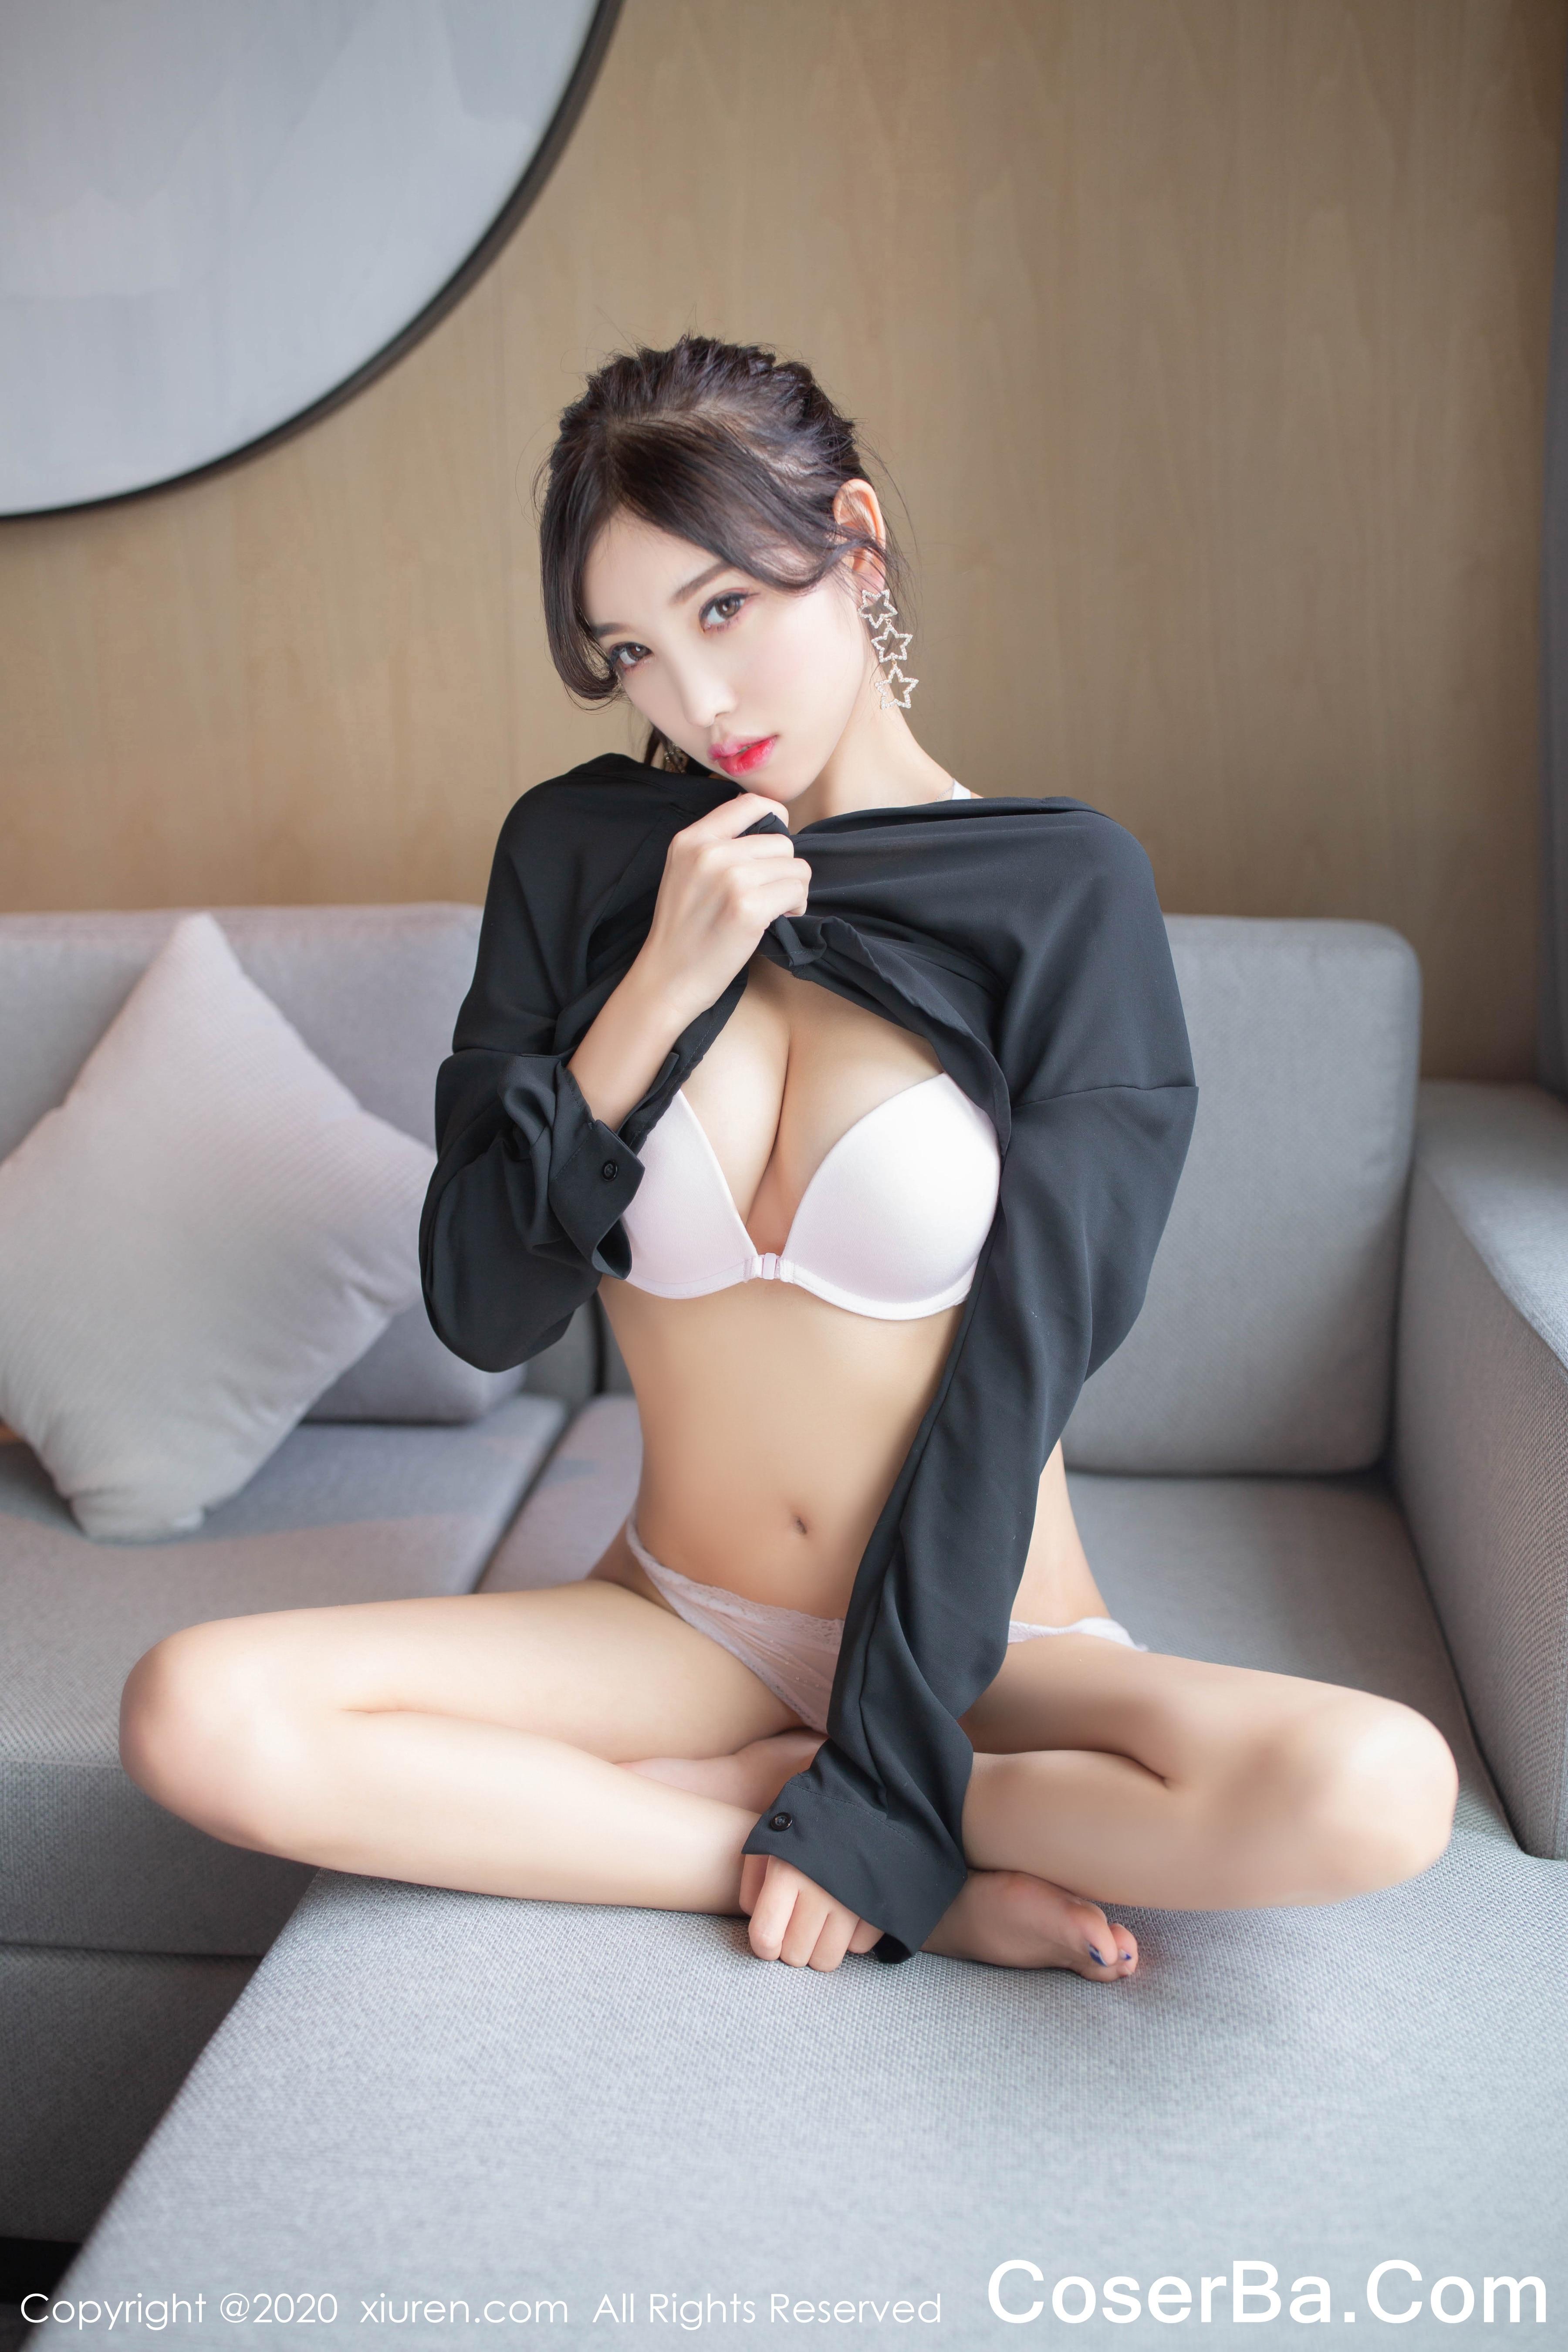 [XiuRen秀人网]2020.04.13 No.2151 杨晨晨sugar[78P166MB] COSERBA.COM整理发布